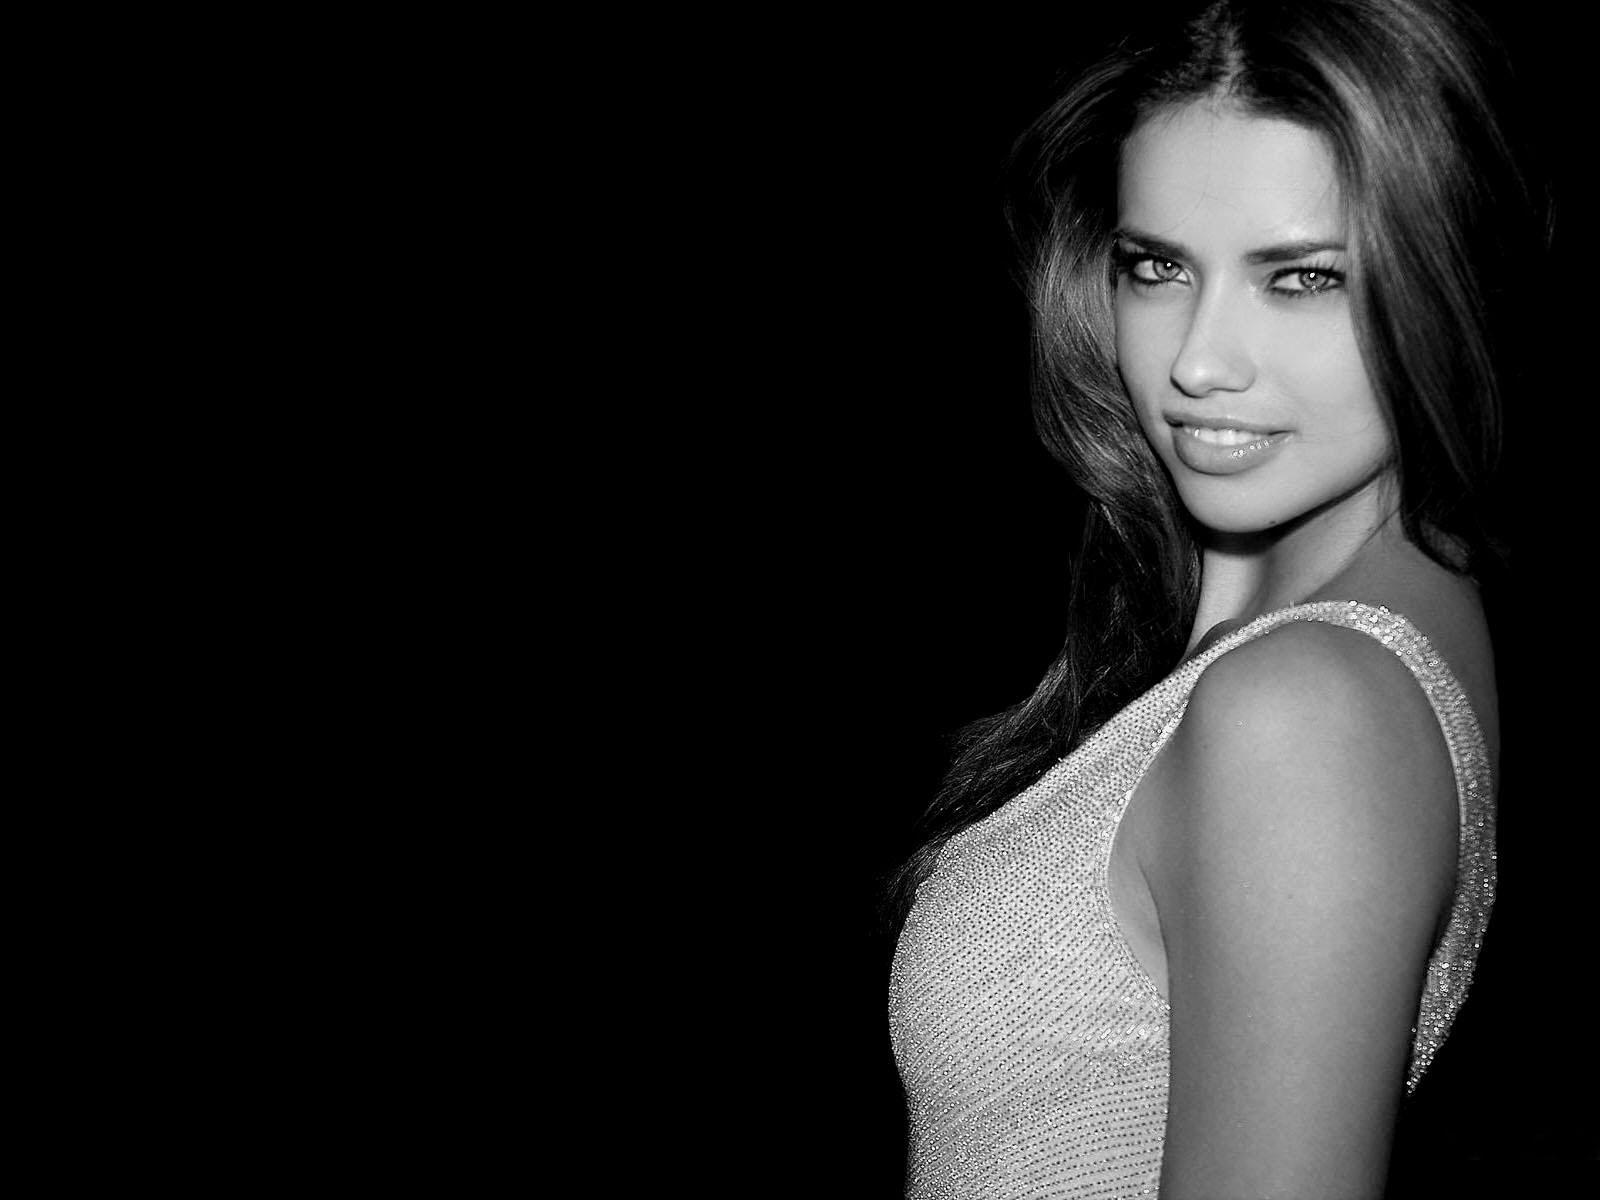 adriana lima hollywood - photo #32